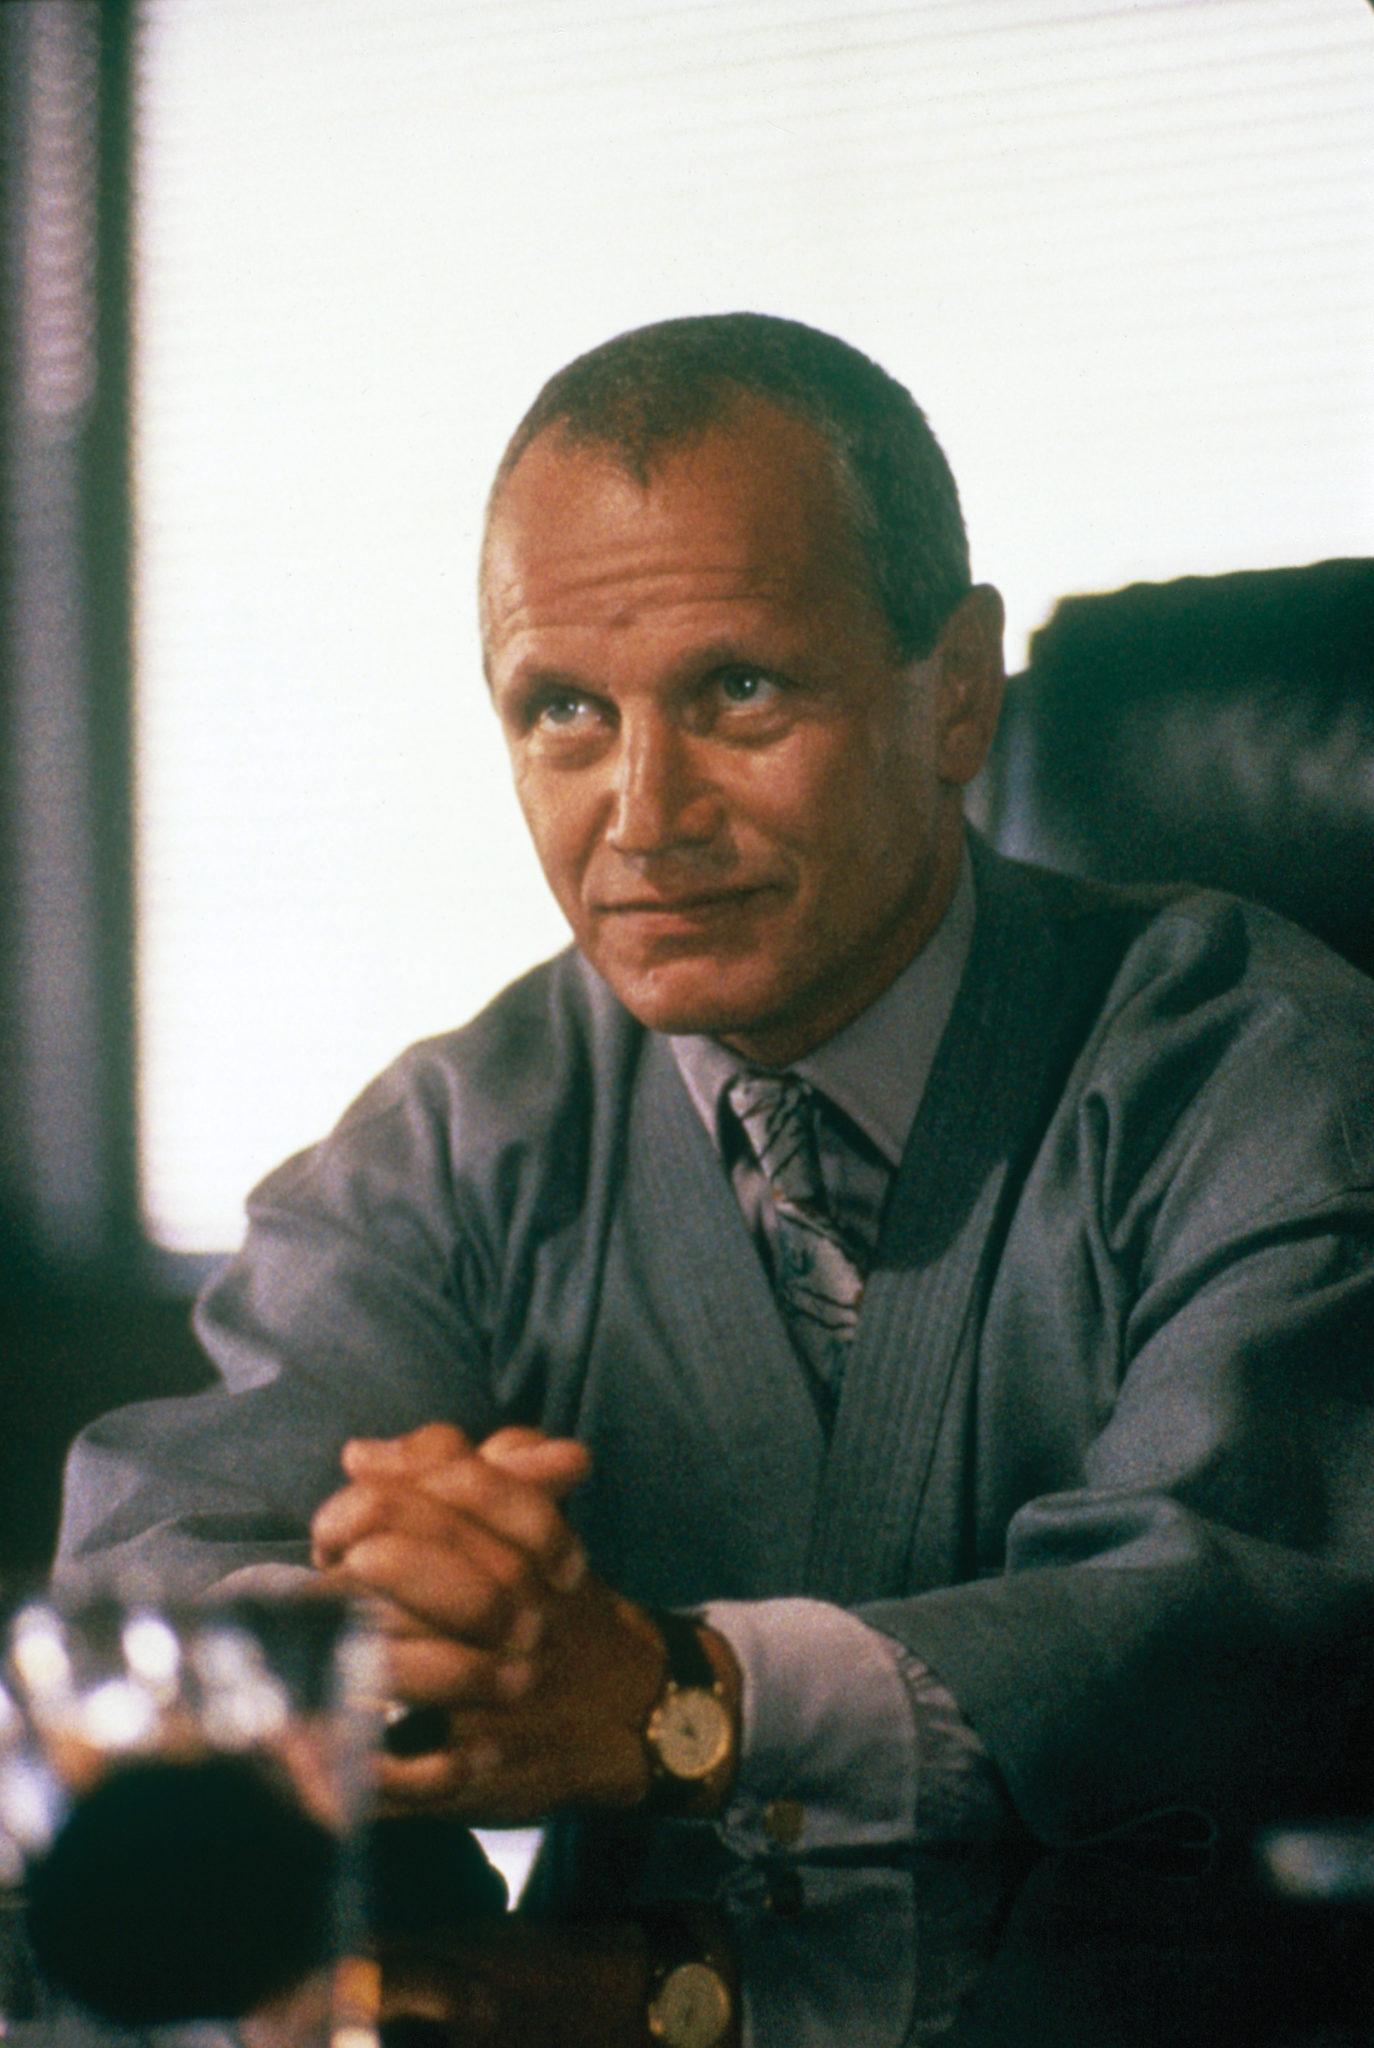 Victor Maitland (Steven Berkoff), der Antagonist aus Beverly Hills Cop, sitzt in seinem Büro, die Hände lehnen mit den Fingern ineinander verschränkt auf dem Tisch.